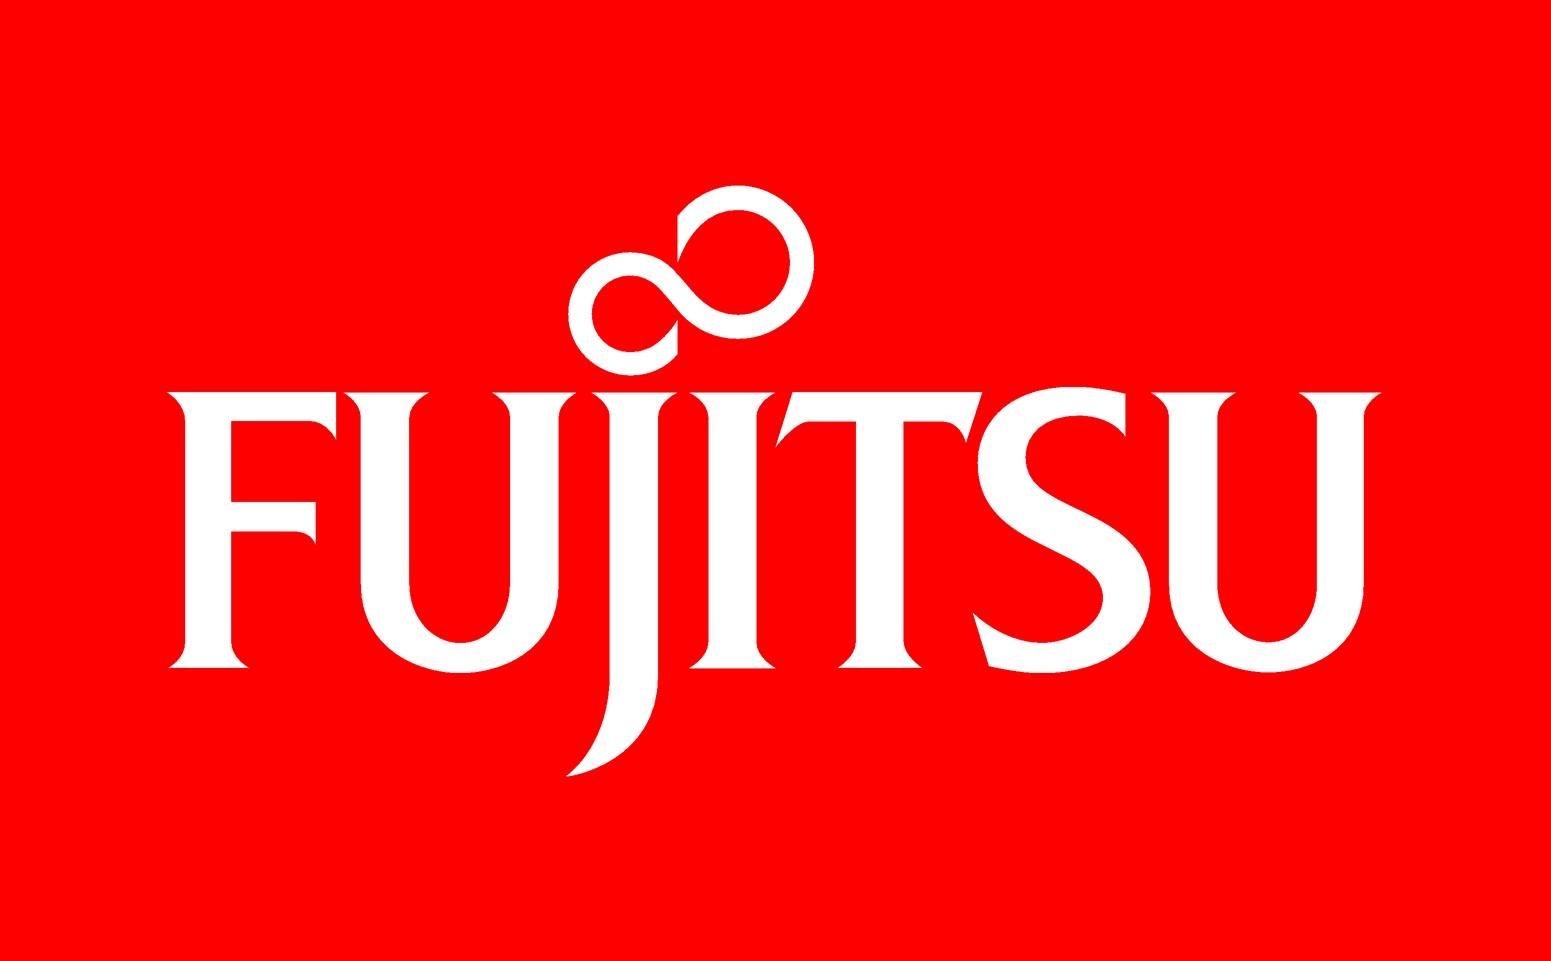 Fujitsu تفتتح قريتها للتصوير بمعرض سيبت بألمانيا